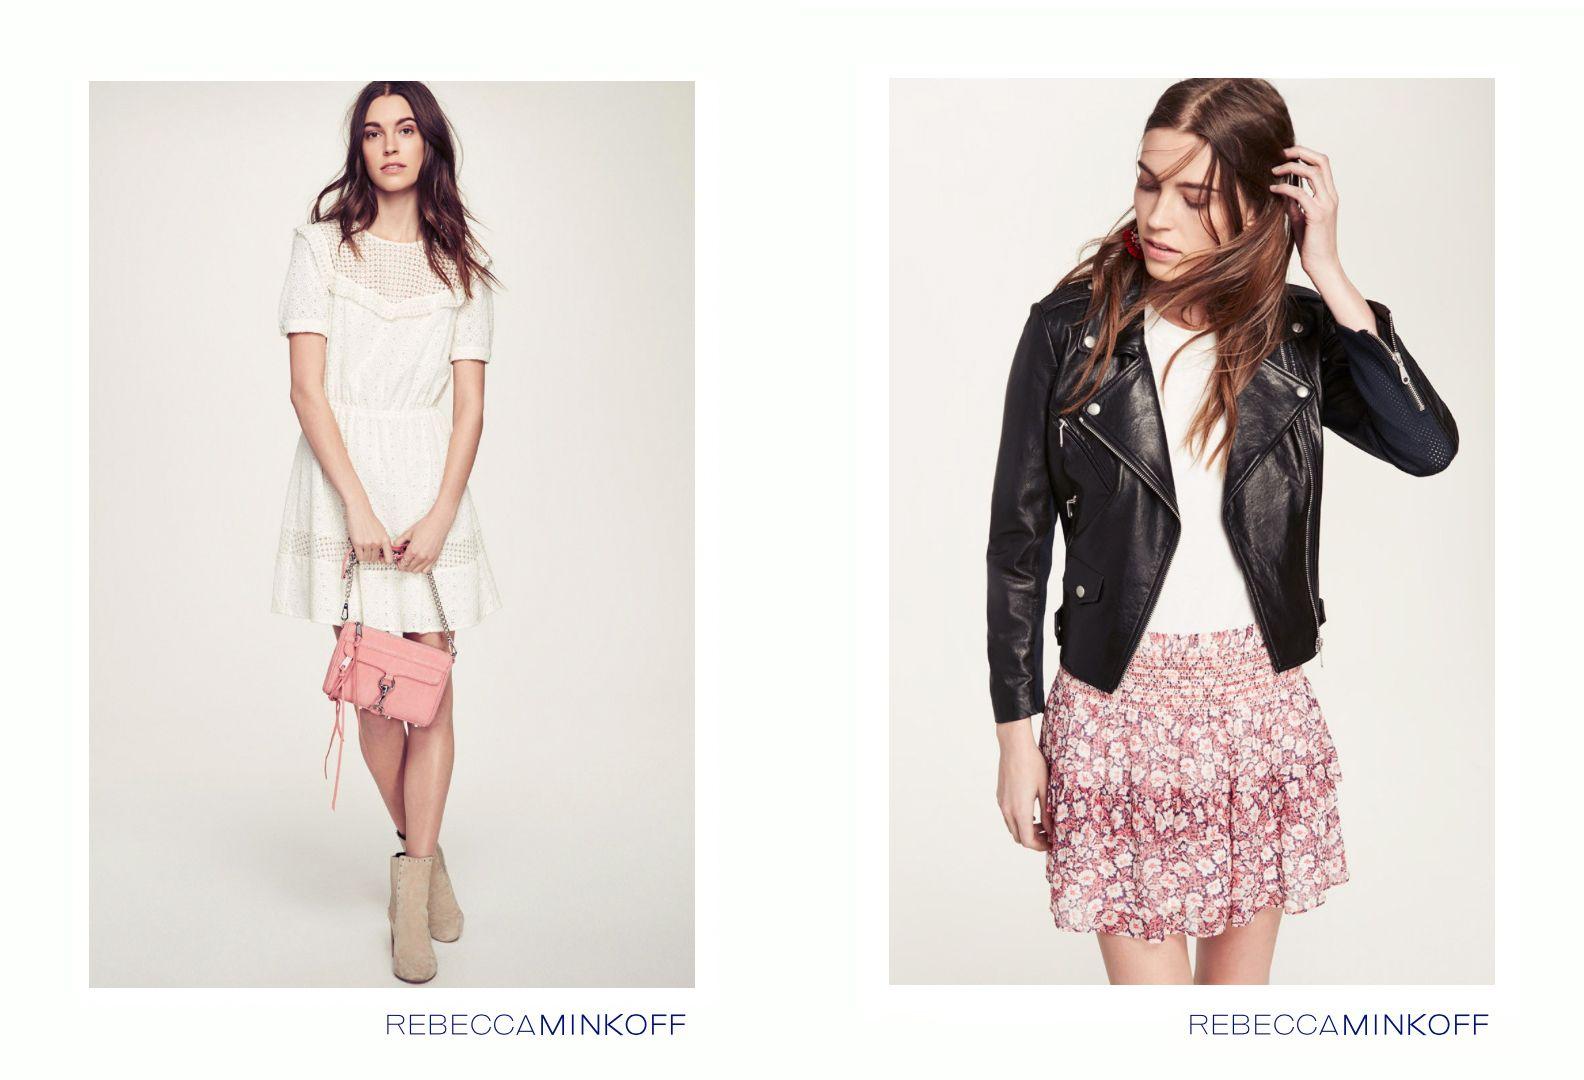 Rebecca Minkoff Lookbook